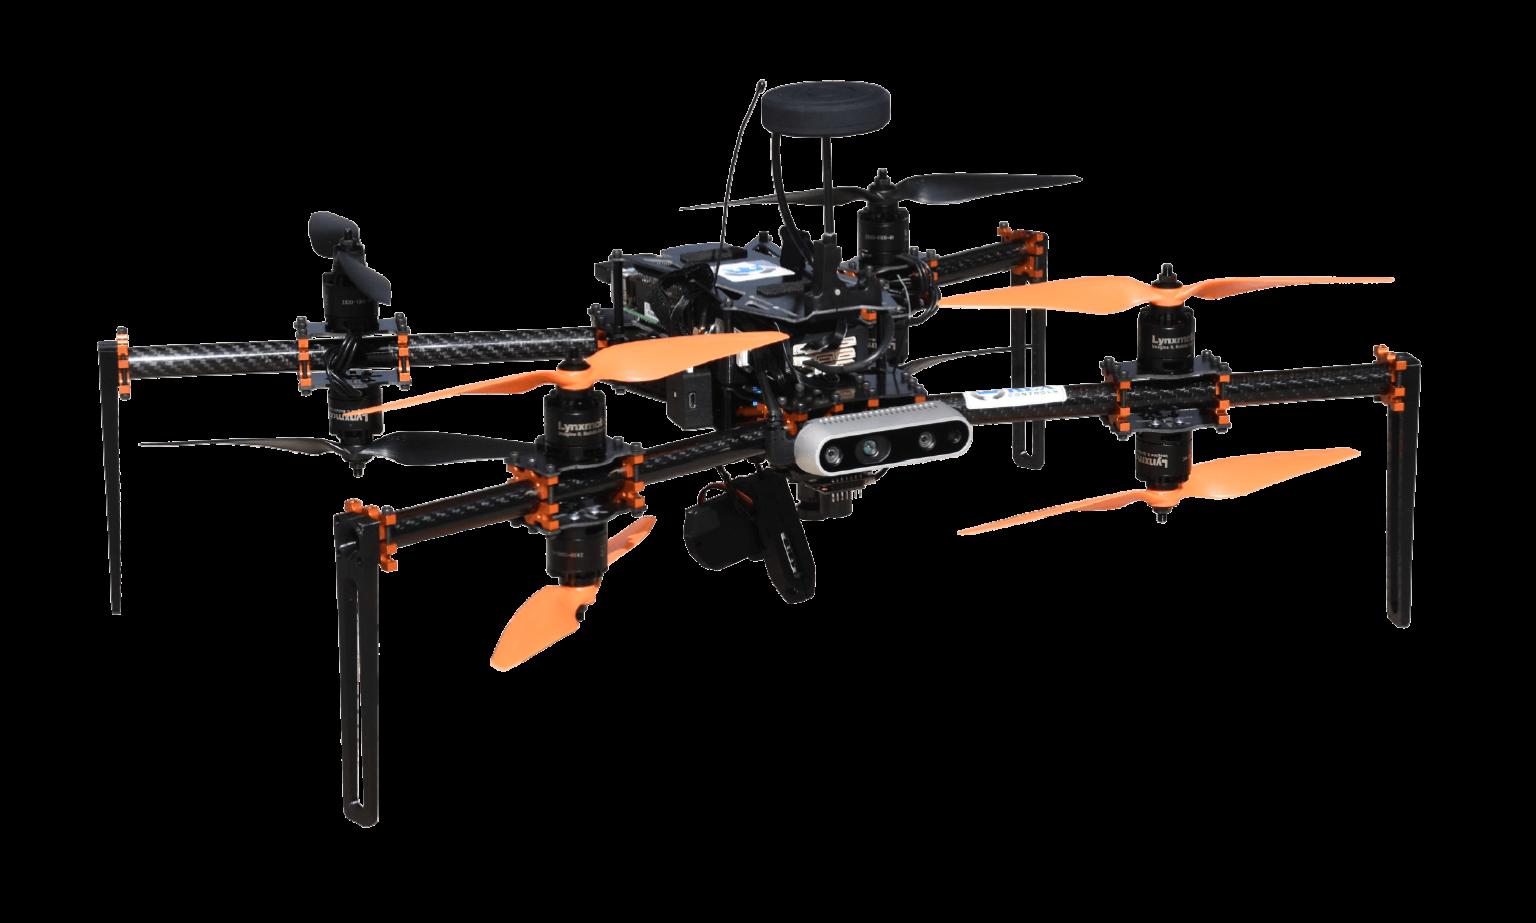 DRONE-X